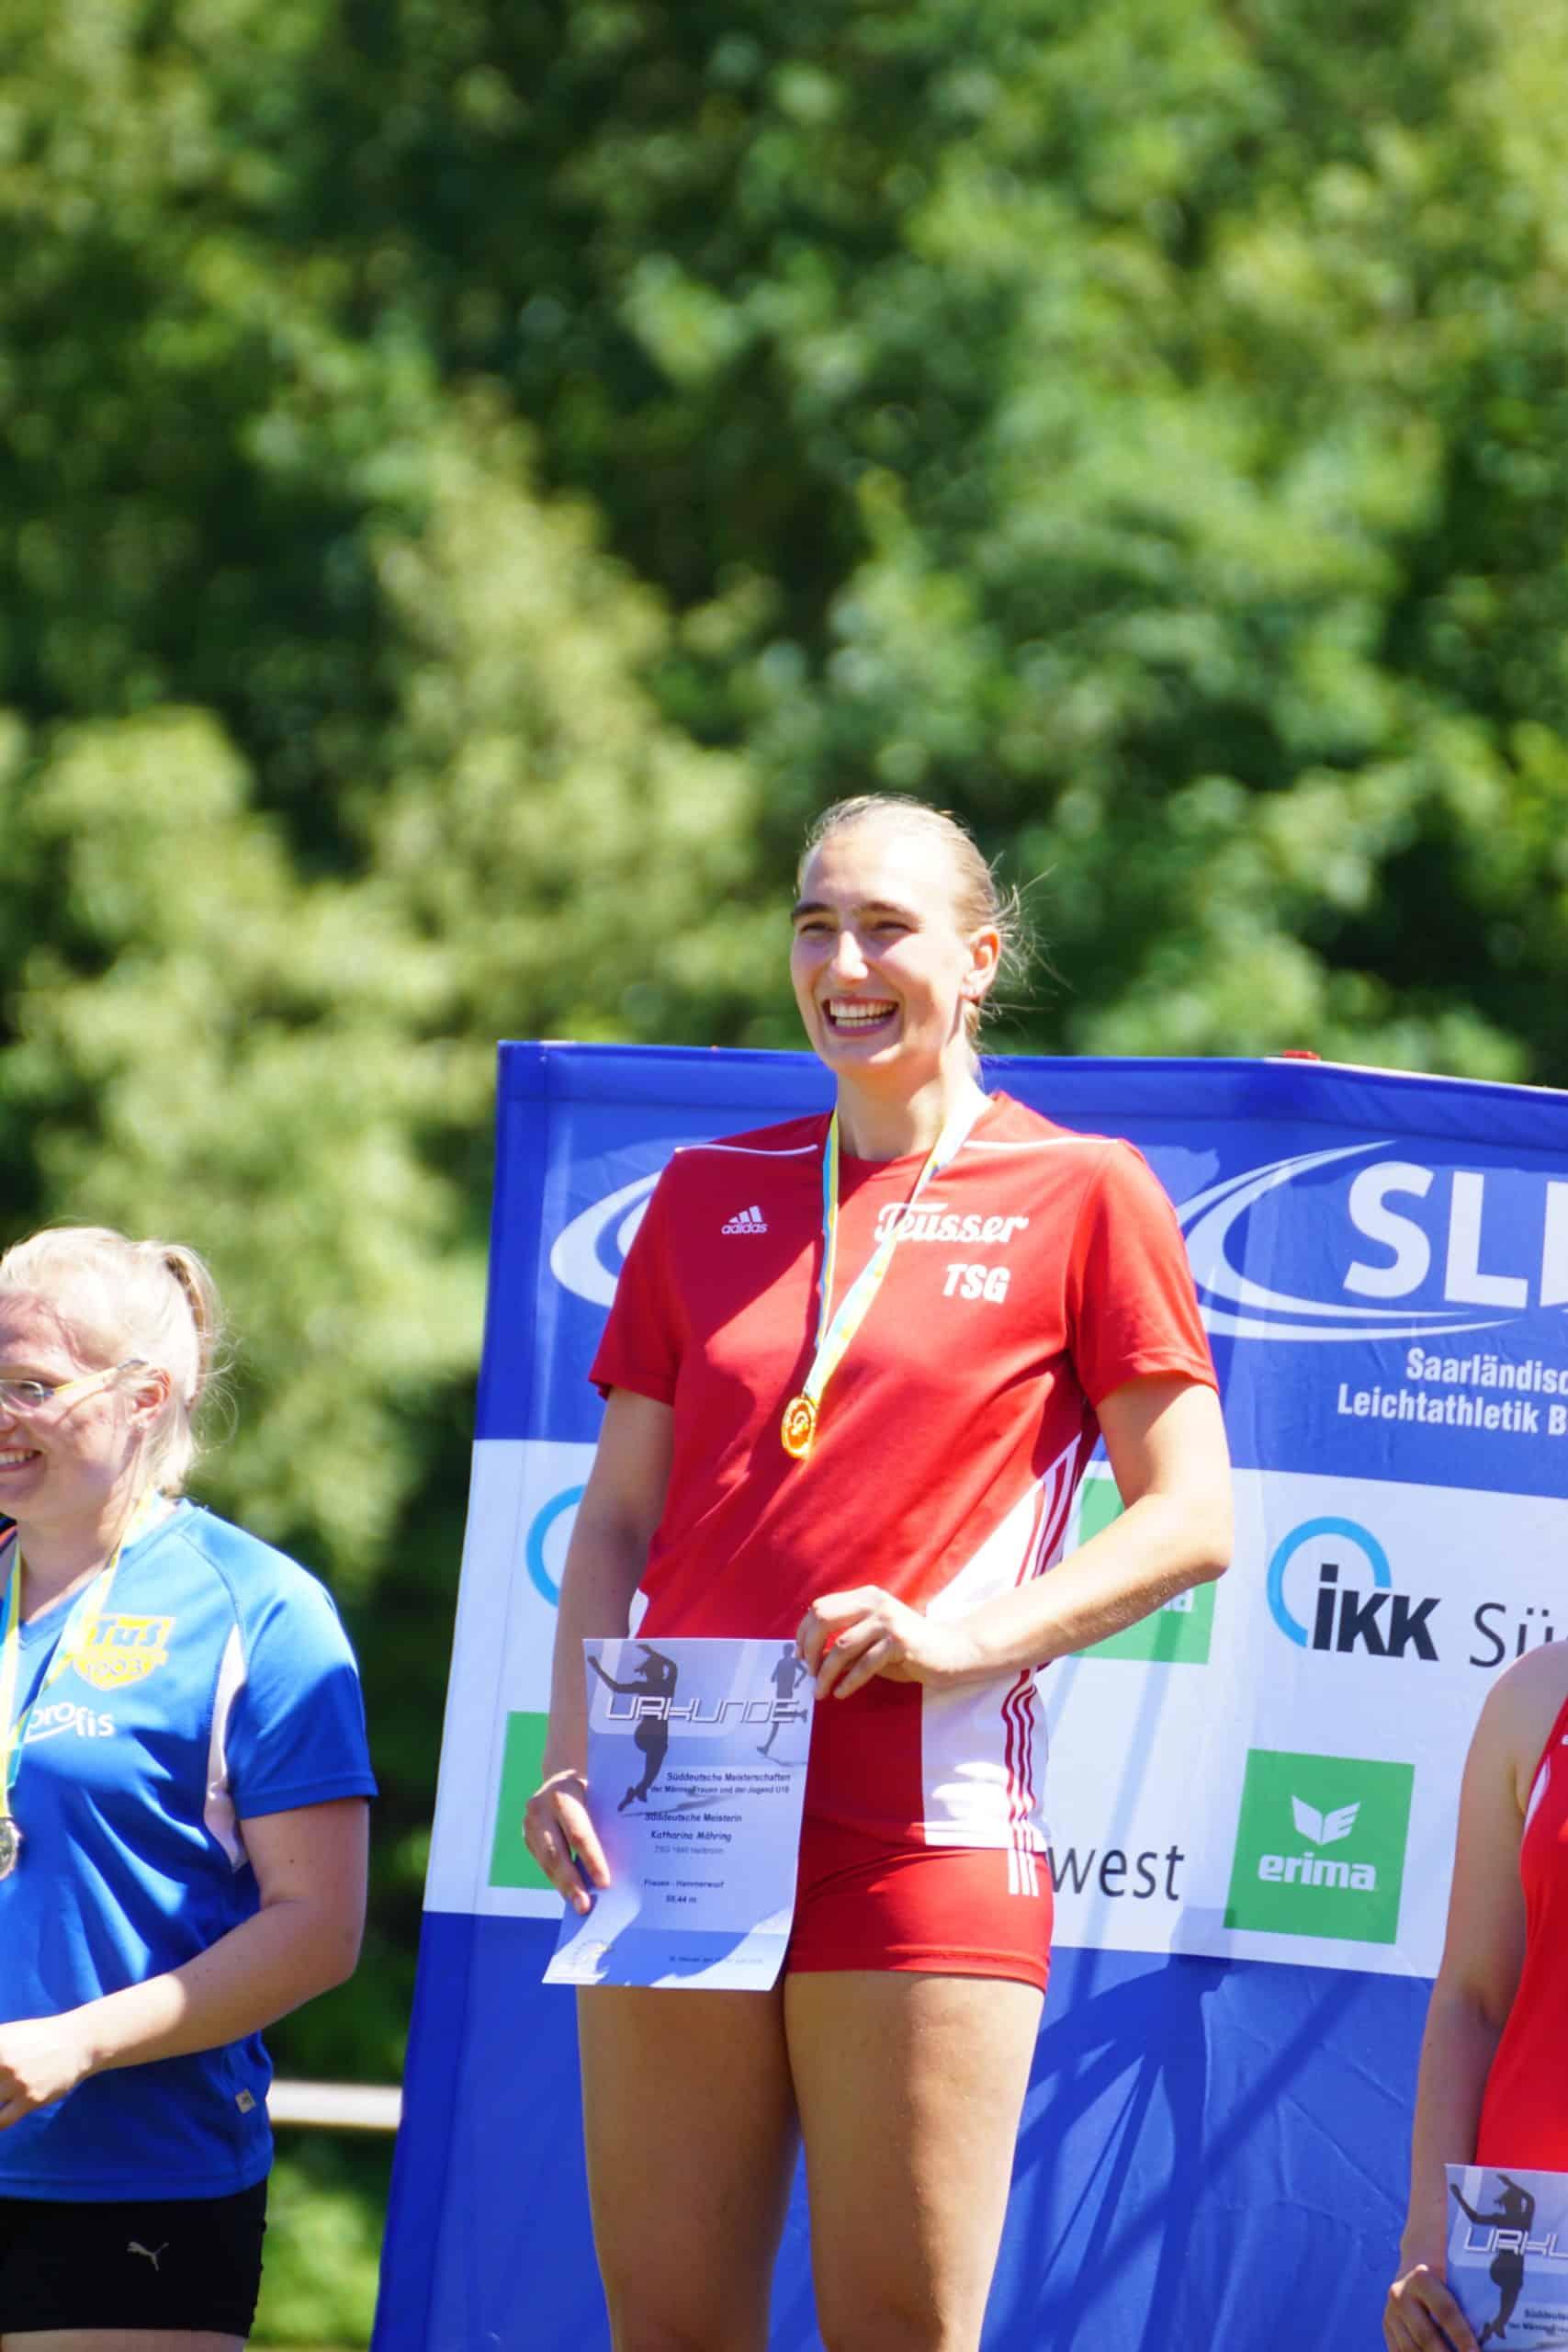 Katharina bei einer Siegerehrung mit Medaille und Urkunde